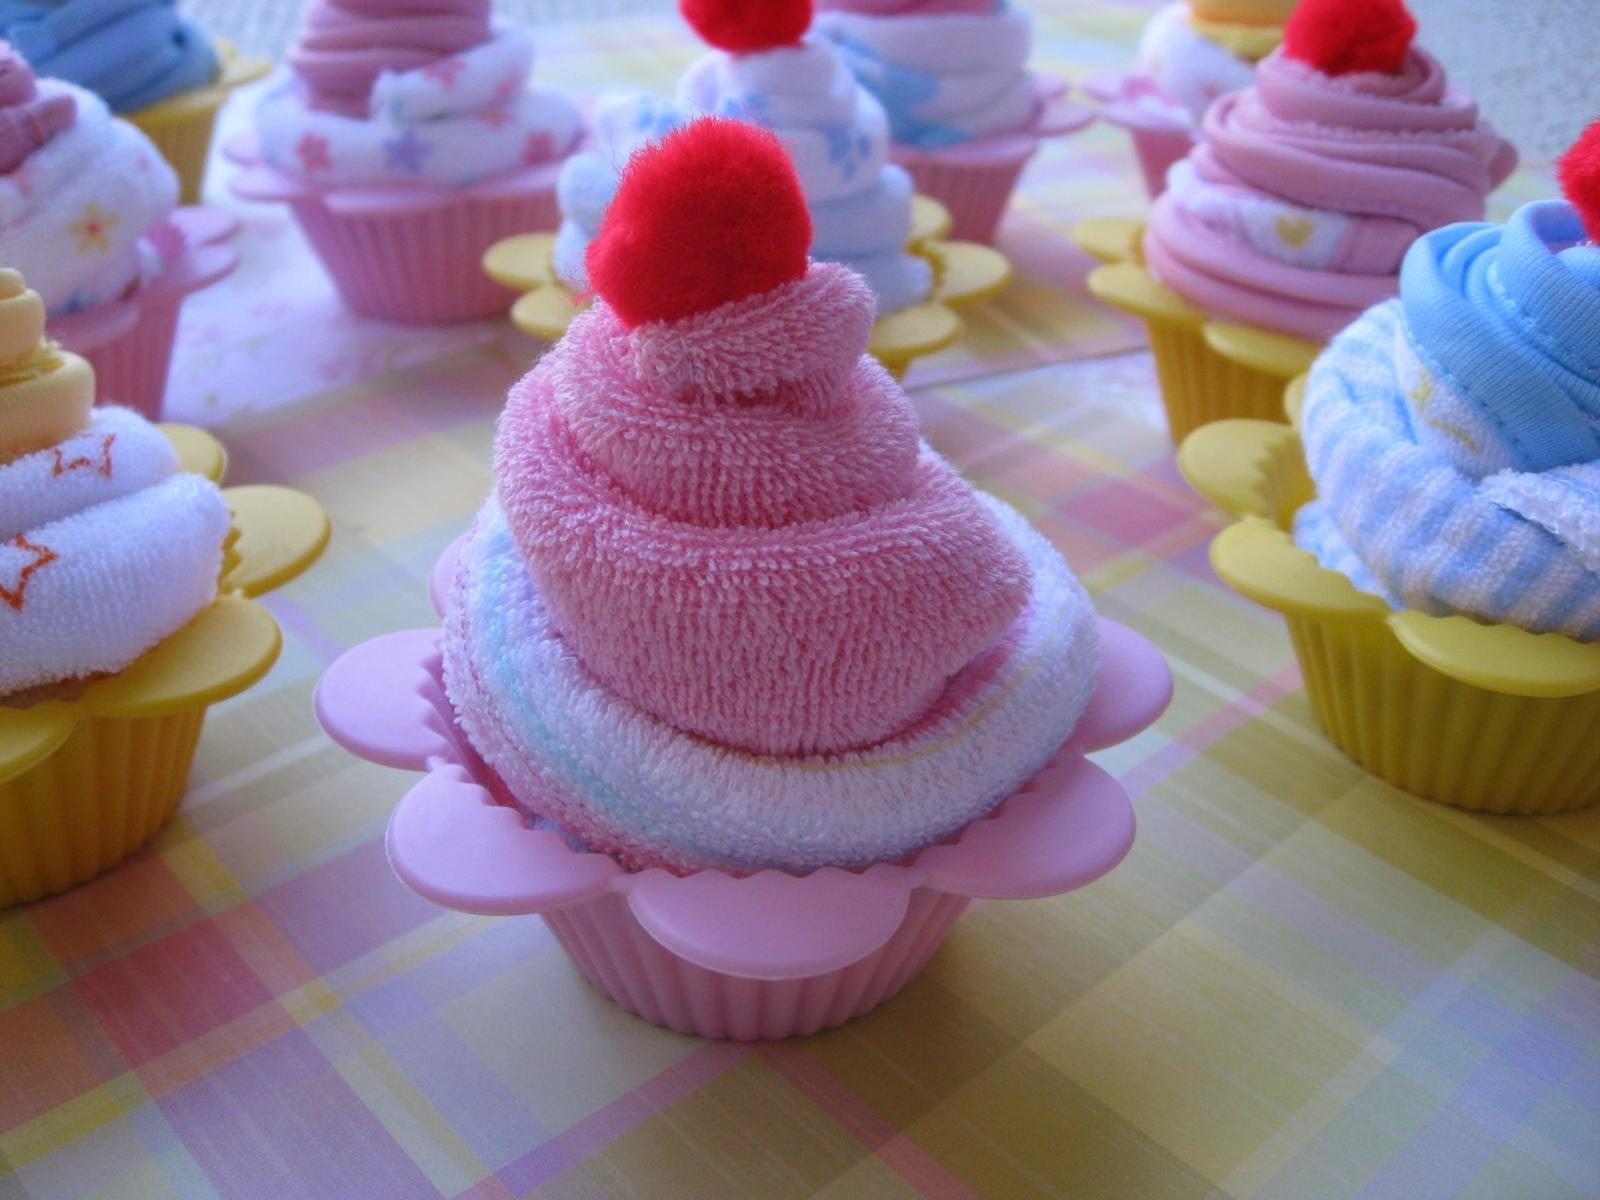 How To Make A Washcloth Cupcake Popsugar Family